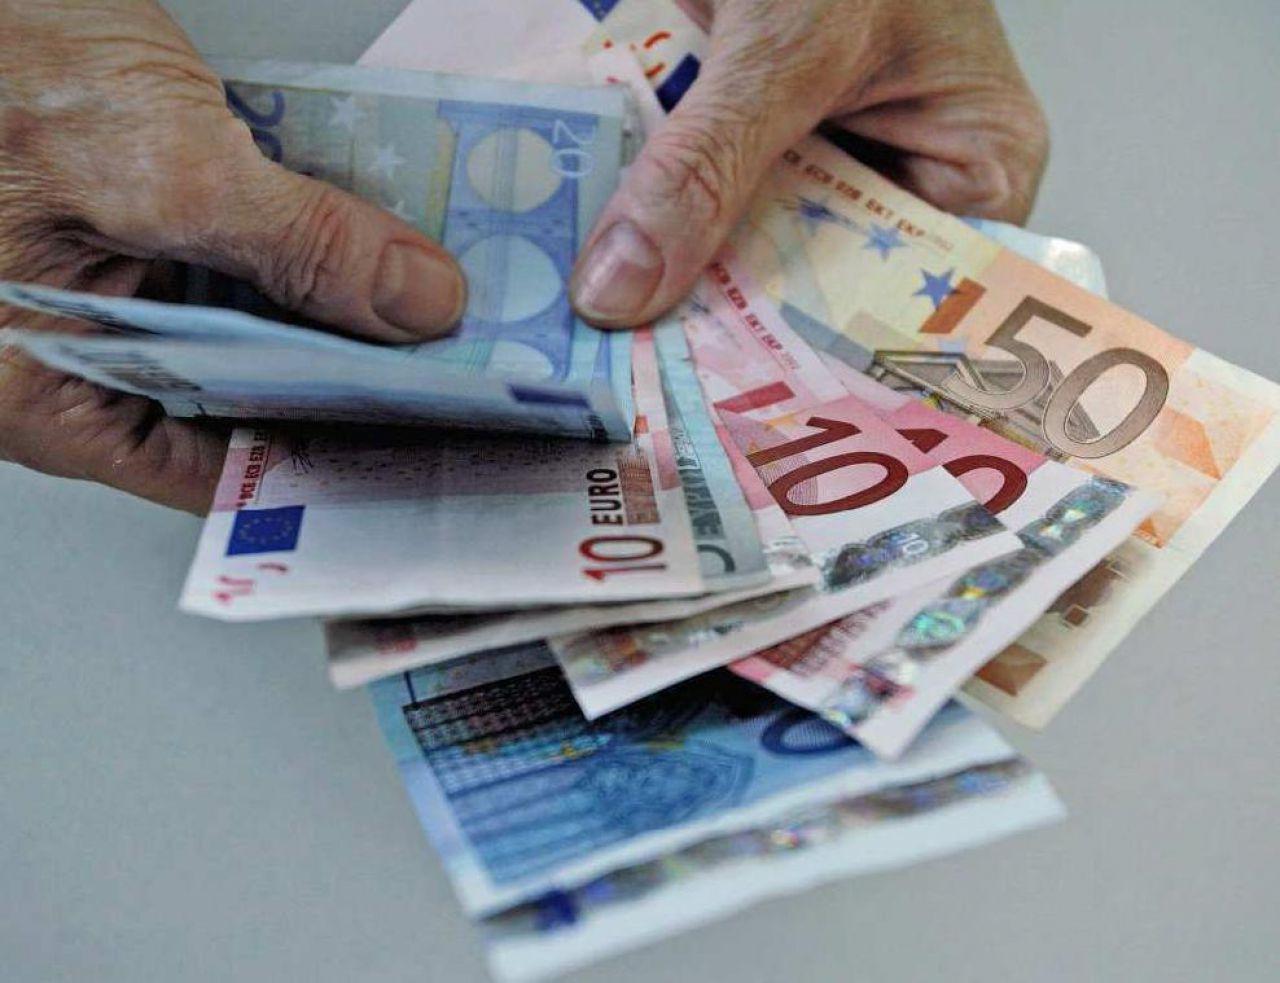 Procès : Les Faussaires Allaient Imprimer Pour 8 Millions D dedans Imprimer Faux Billet